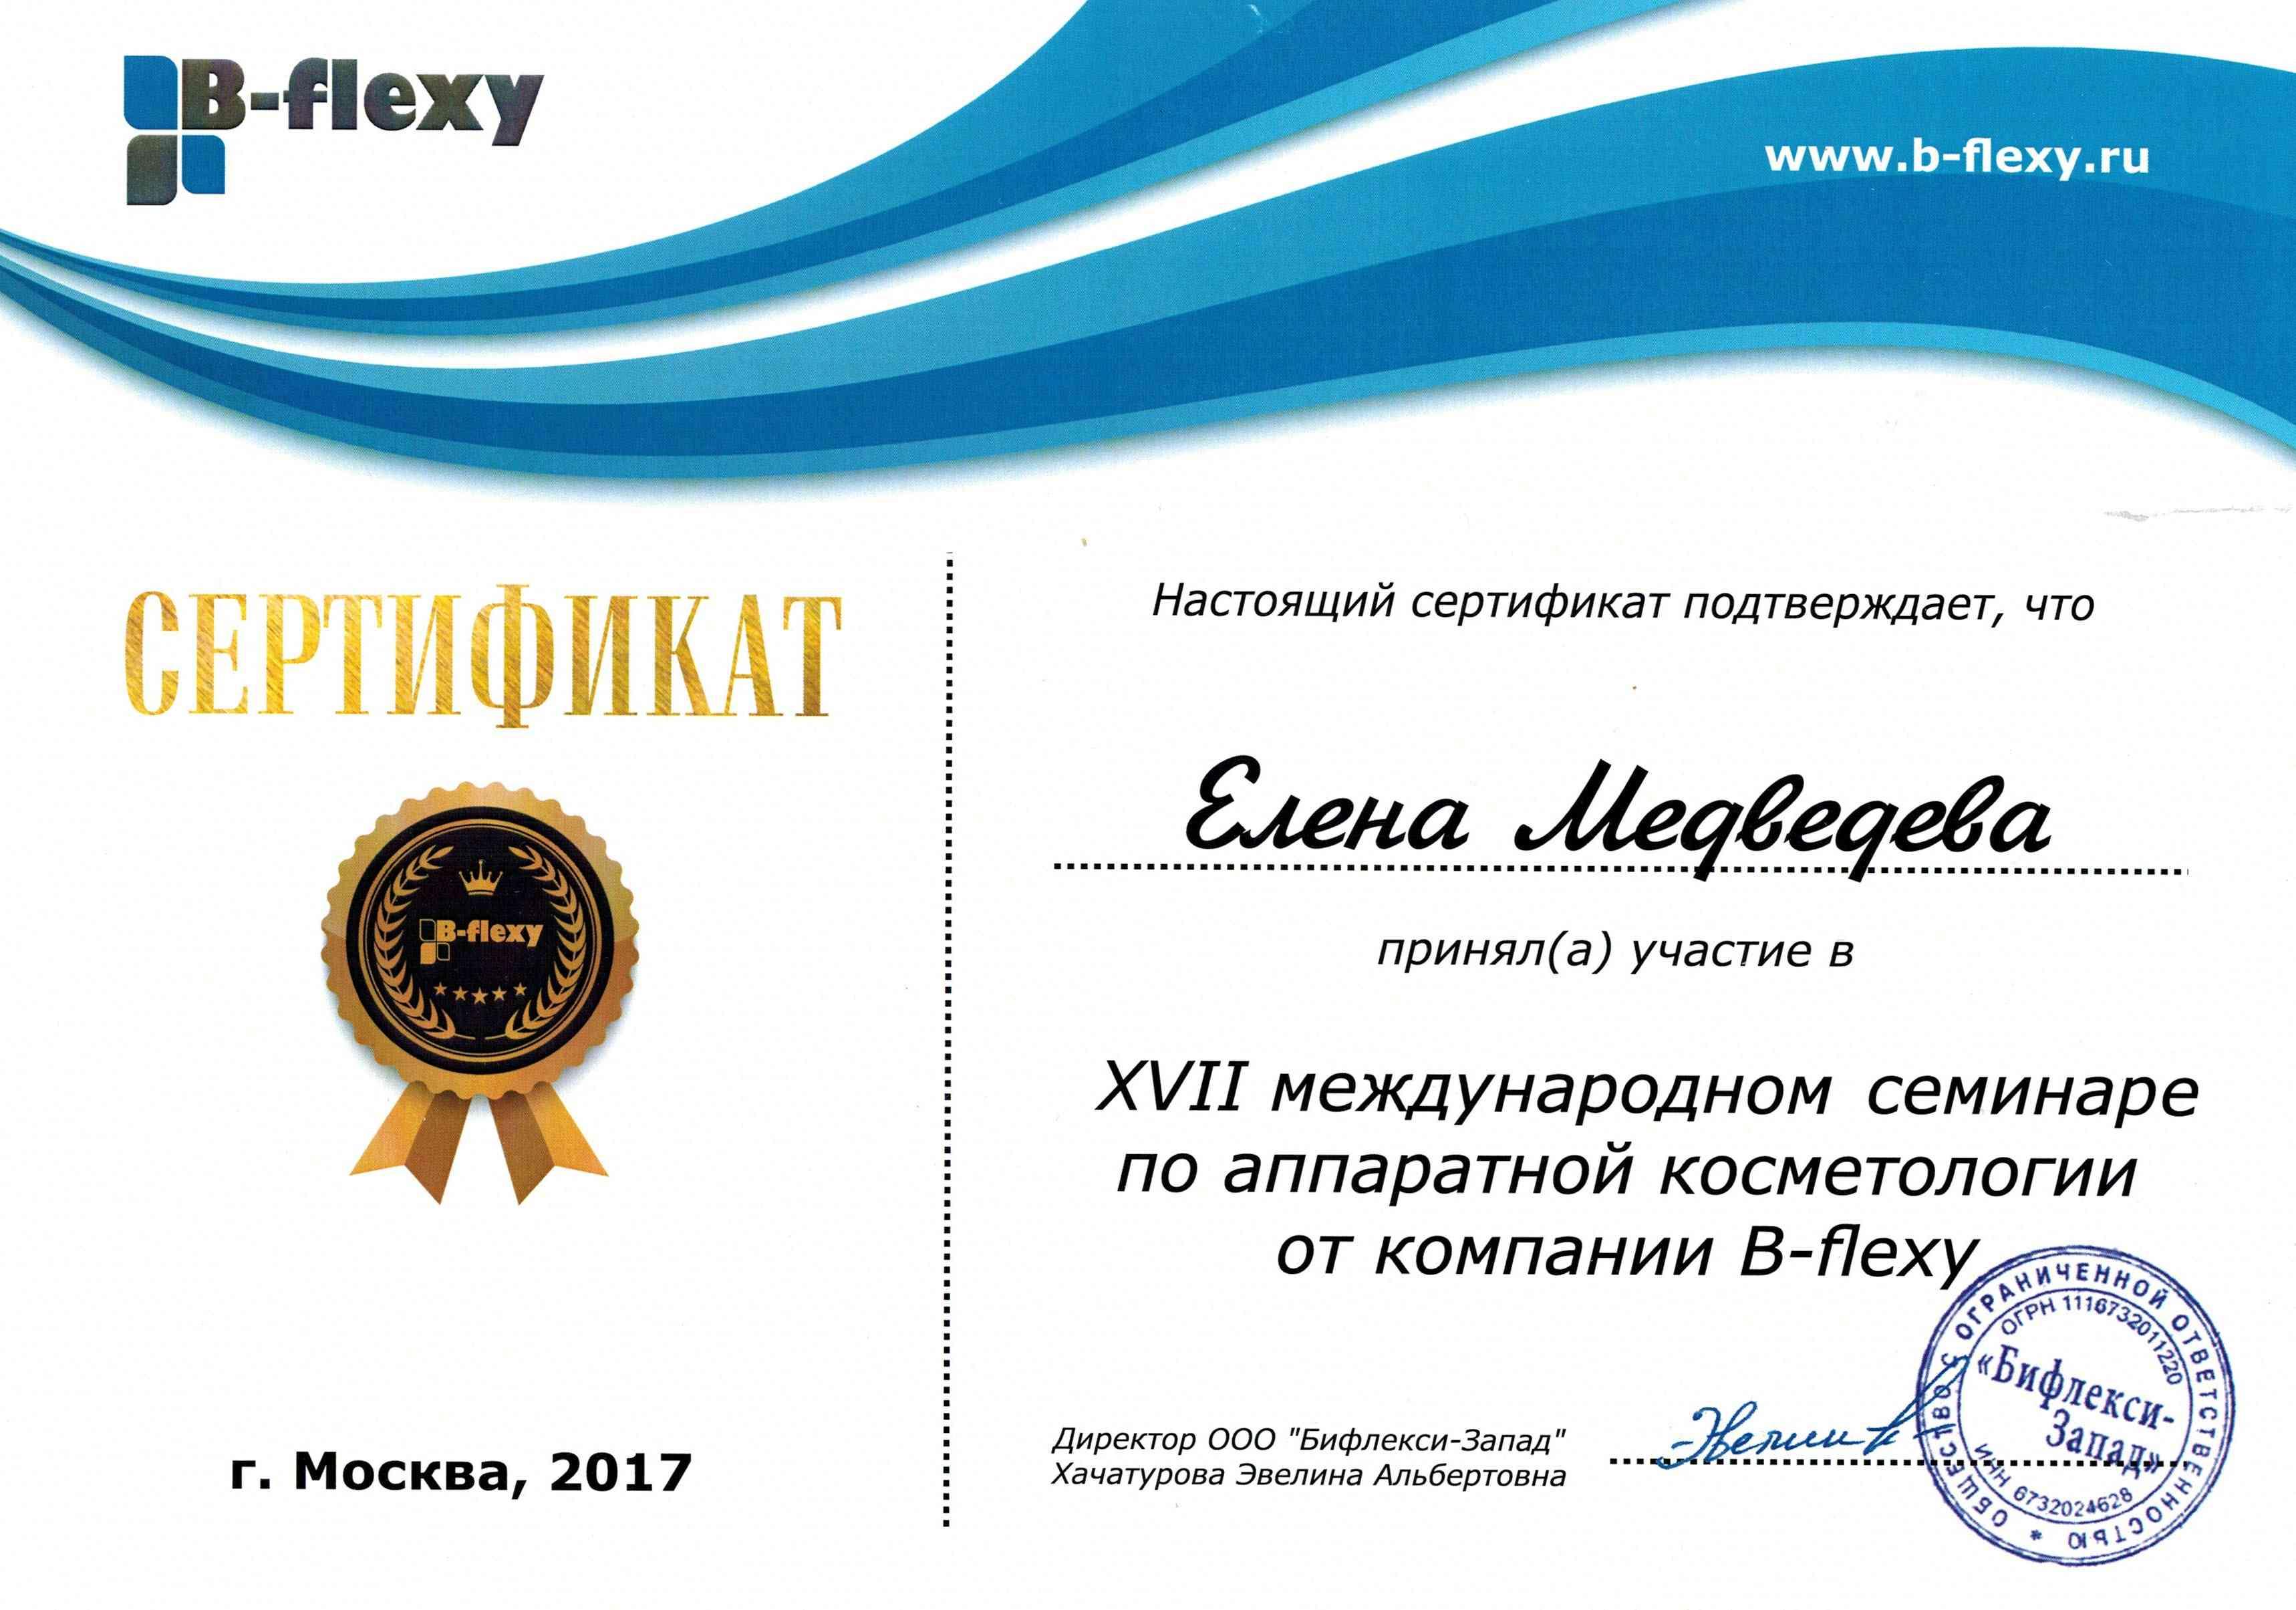 2017 участие в 17 международном фестивале по аппаратной от компании B-flexy